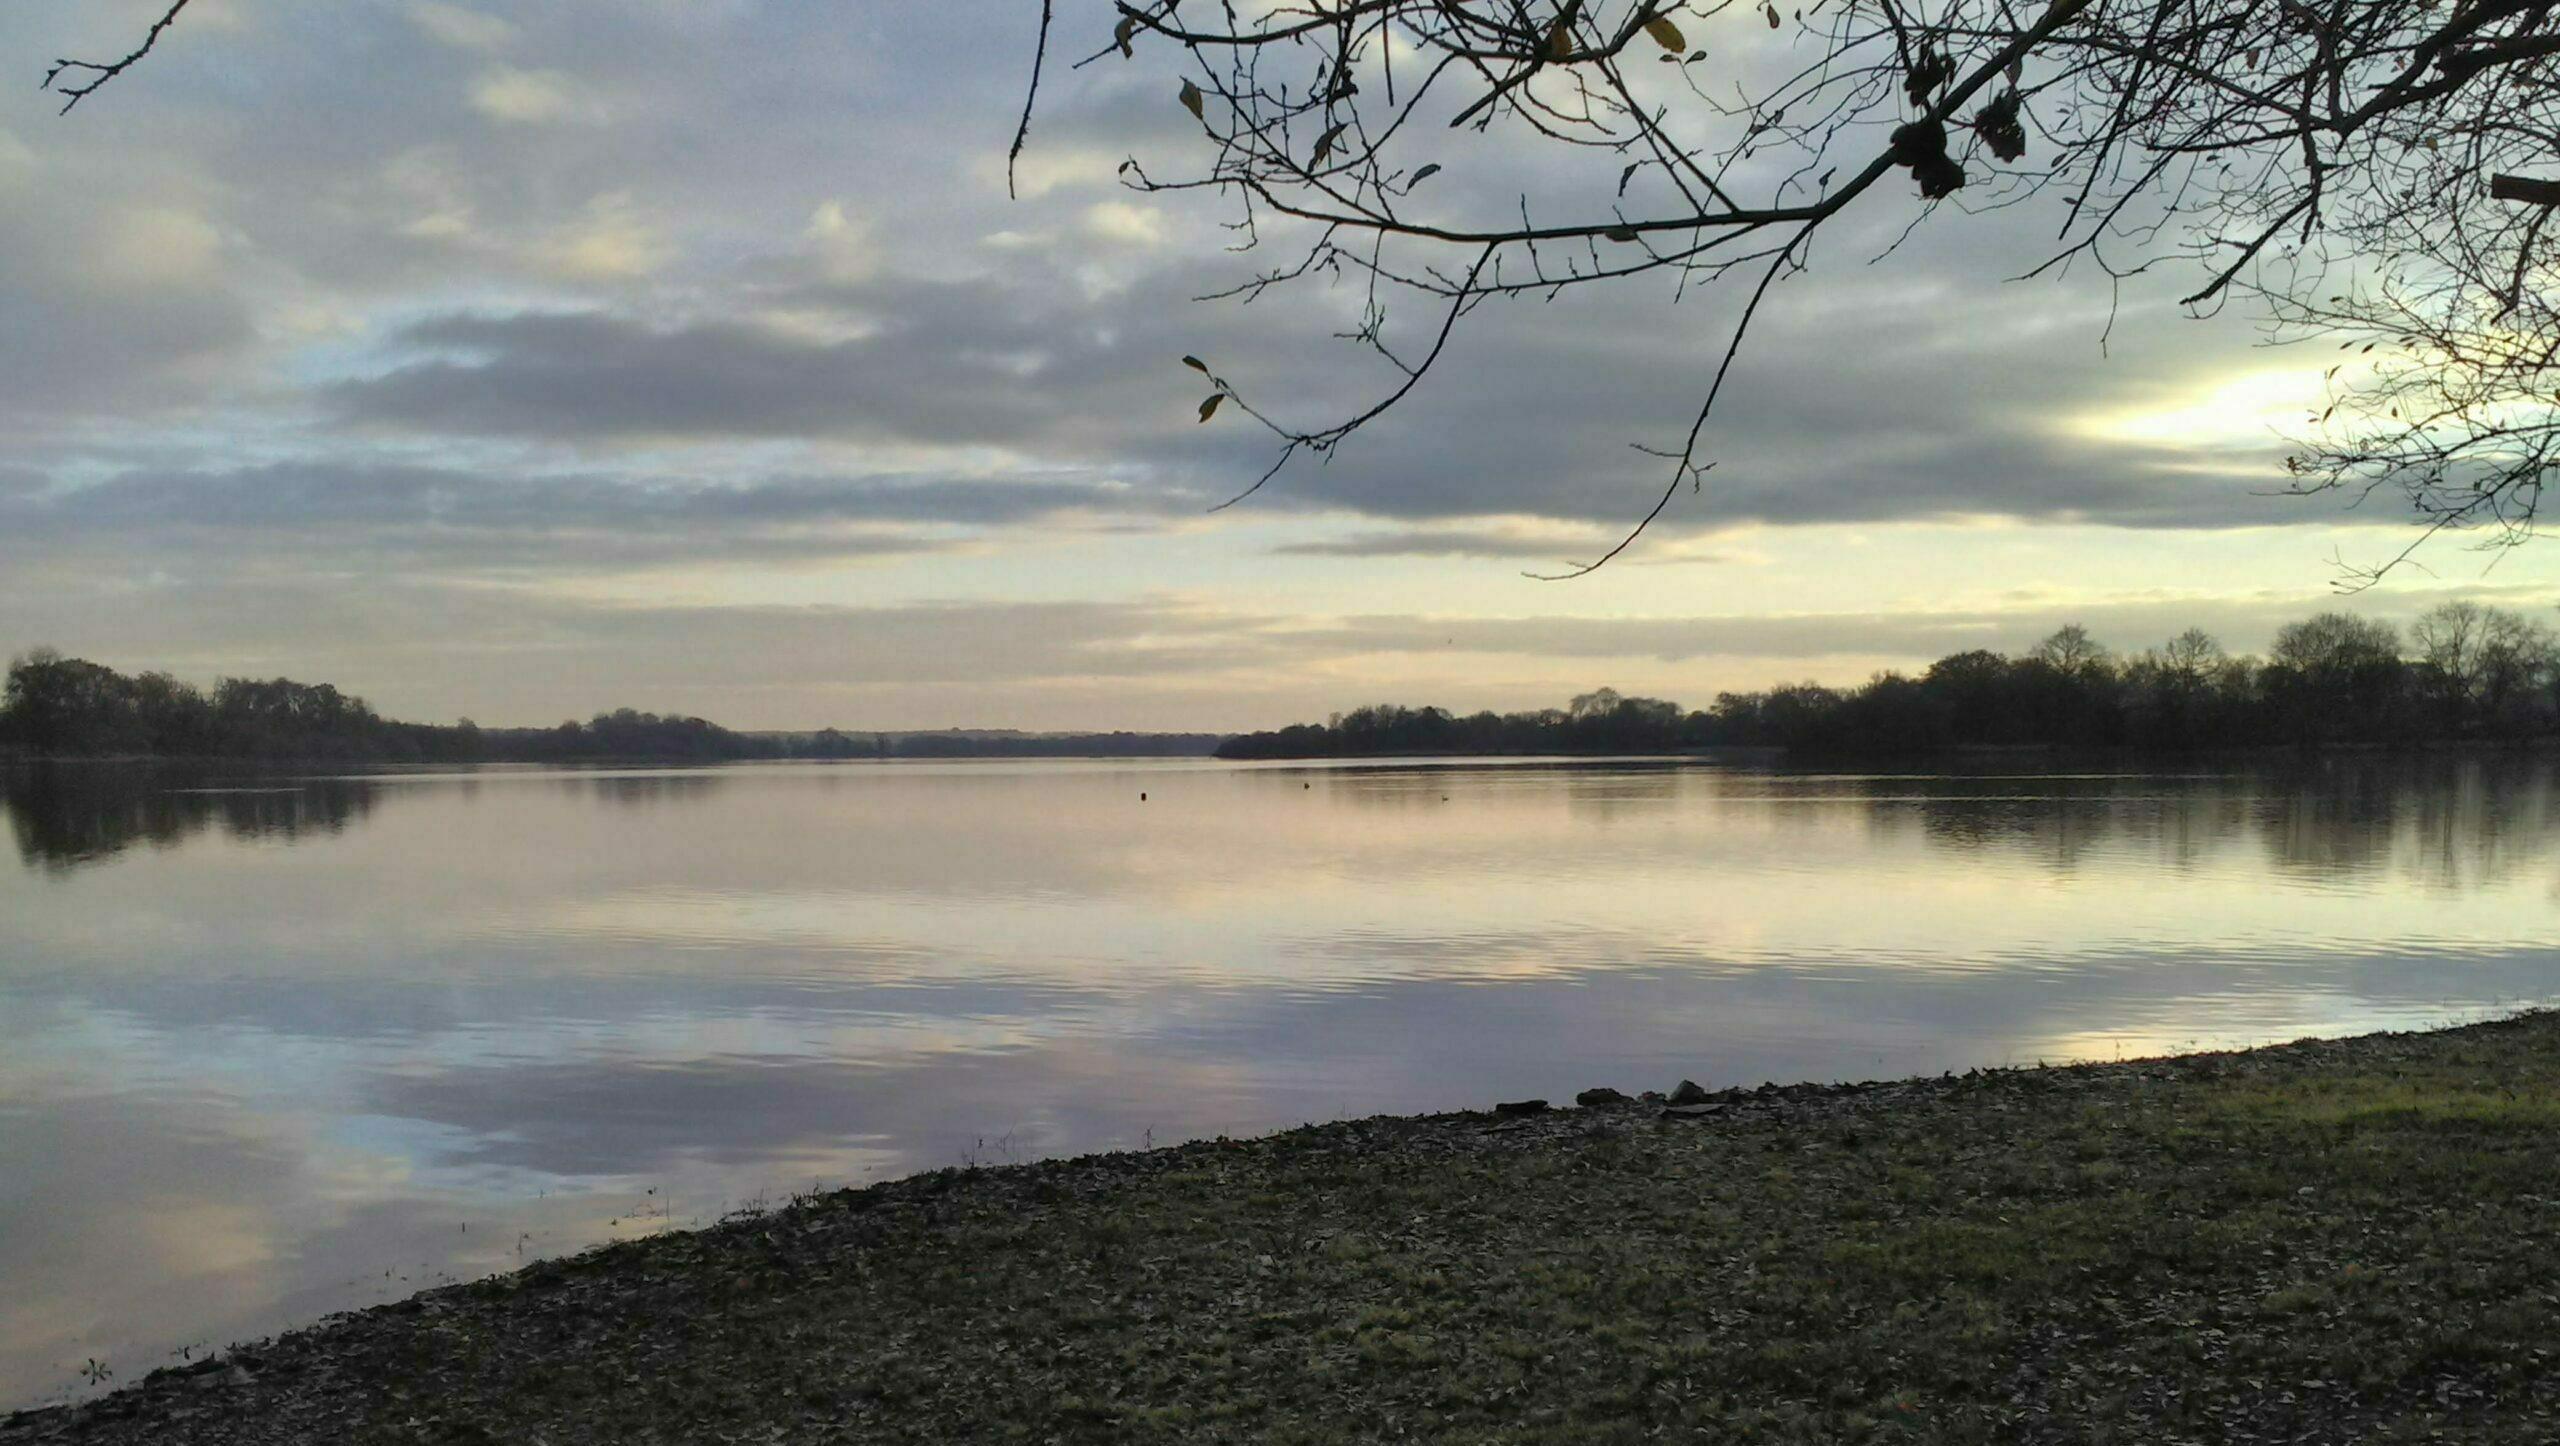 Lever de Soleil à l'étang de la Provostière, décembre 2020